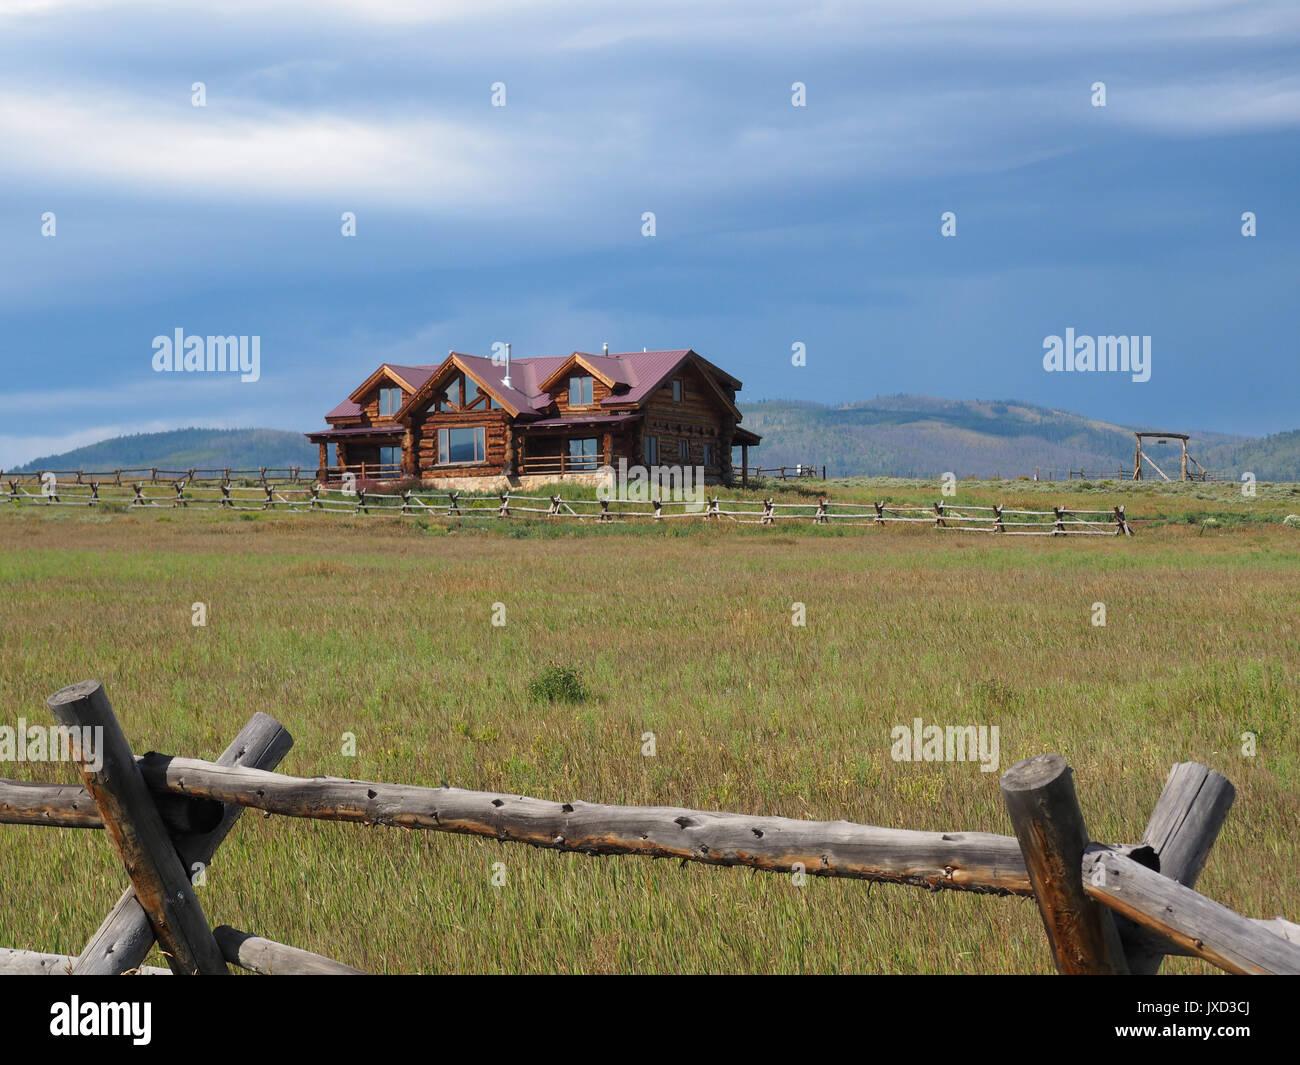 Blockhaus Haus auf einer Wiese in ländlichen Colorado in den Rocky Mountains zu bewahren. Hinter dem Haus gibt es Berge. Die prairi Stockbild